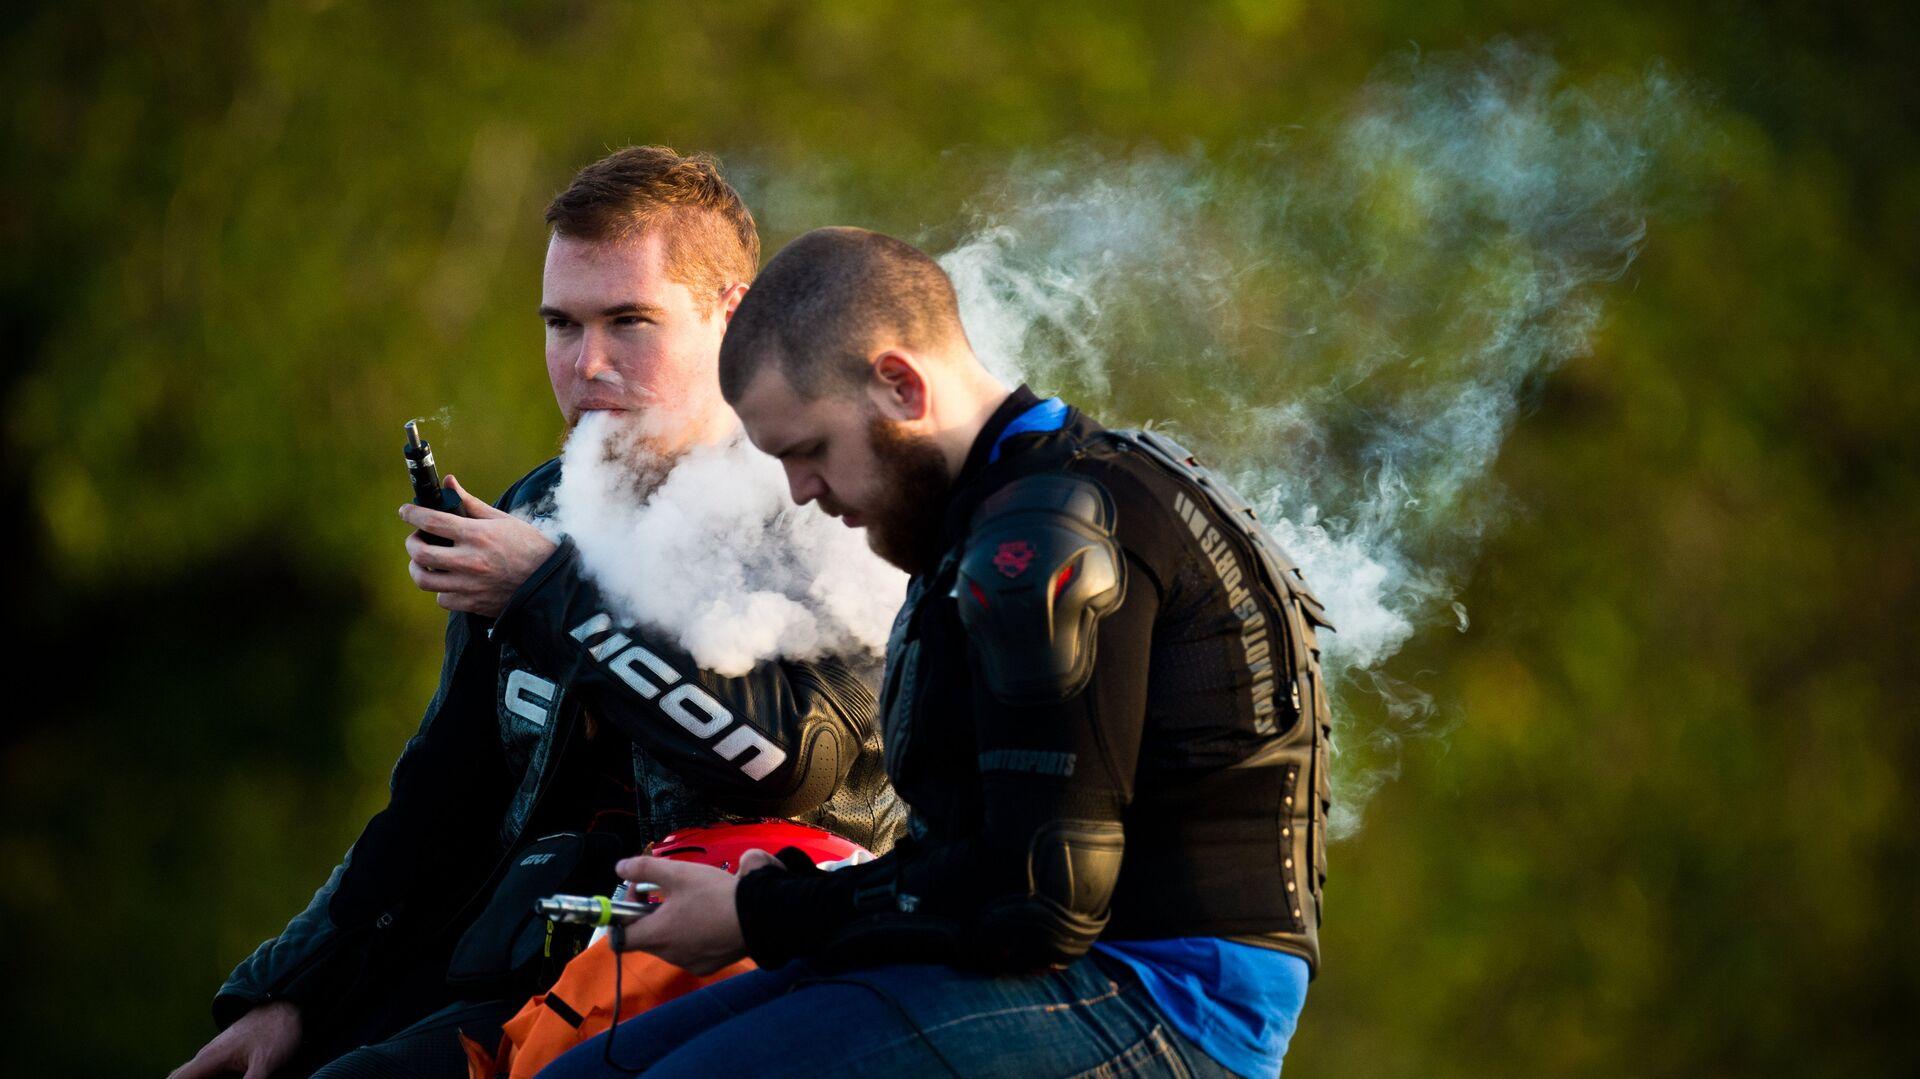 Молодые люди курят электронные сигареты на смотровой площадке Воробьевых гор в Москве - РИА Новости, 1920, 23.07.2021